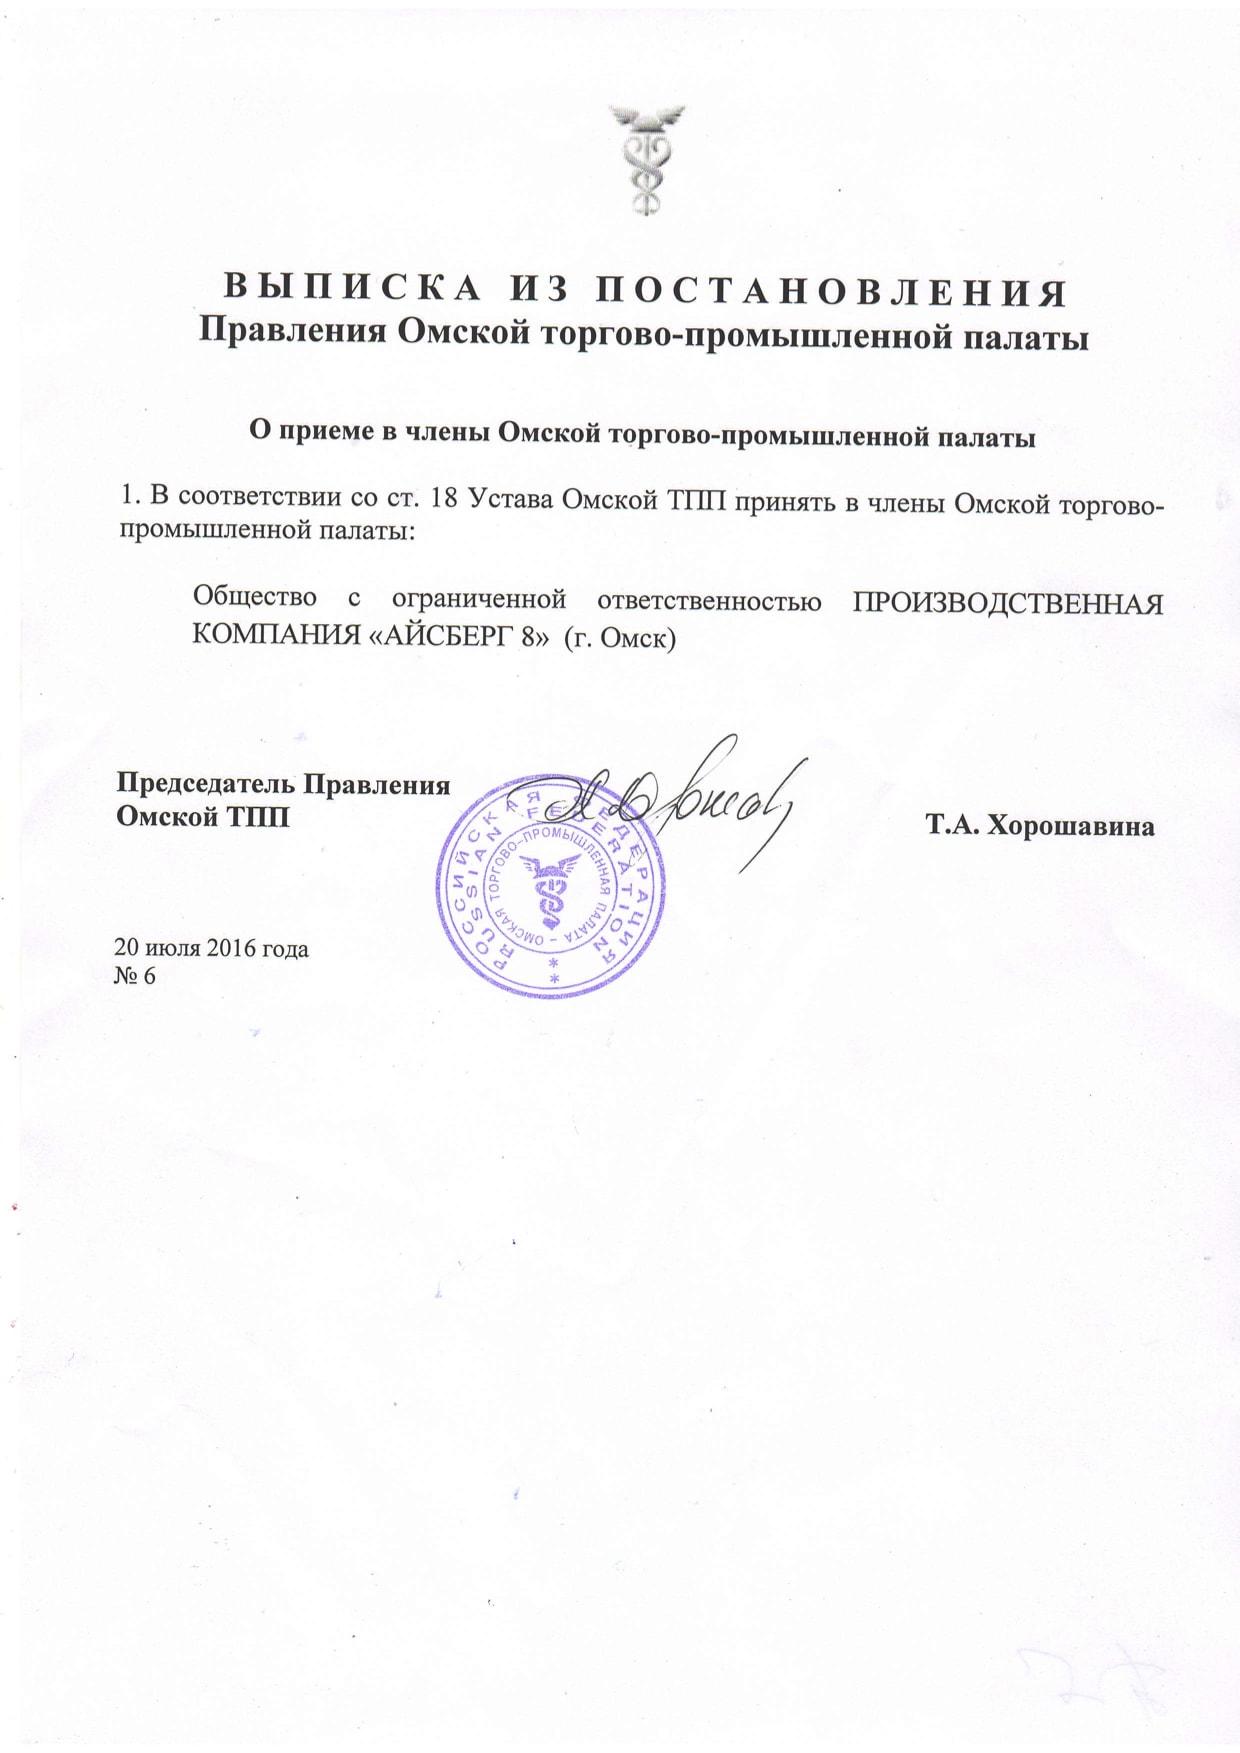 Постановление Омской торгово-промышленной палаты